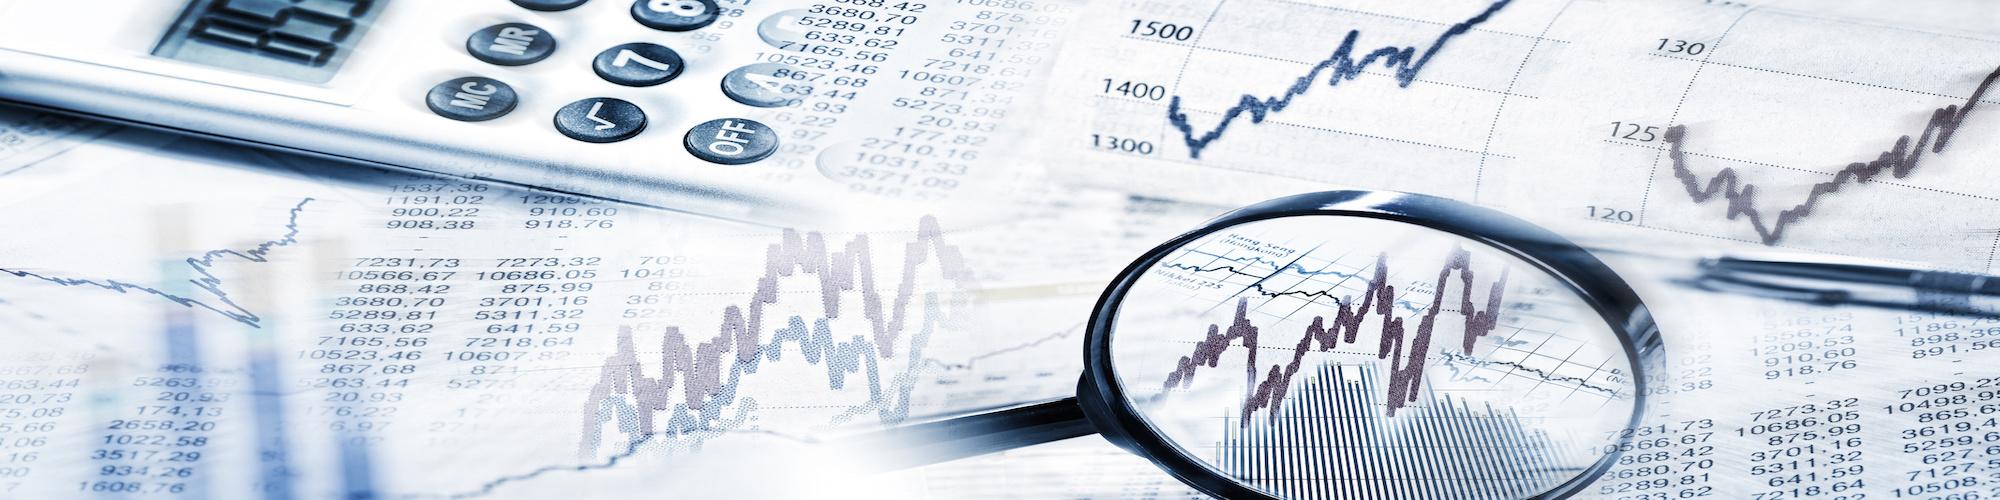 Statistiques de marché